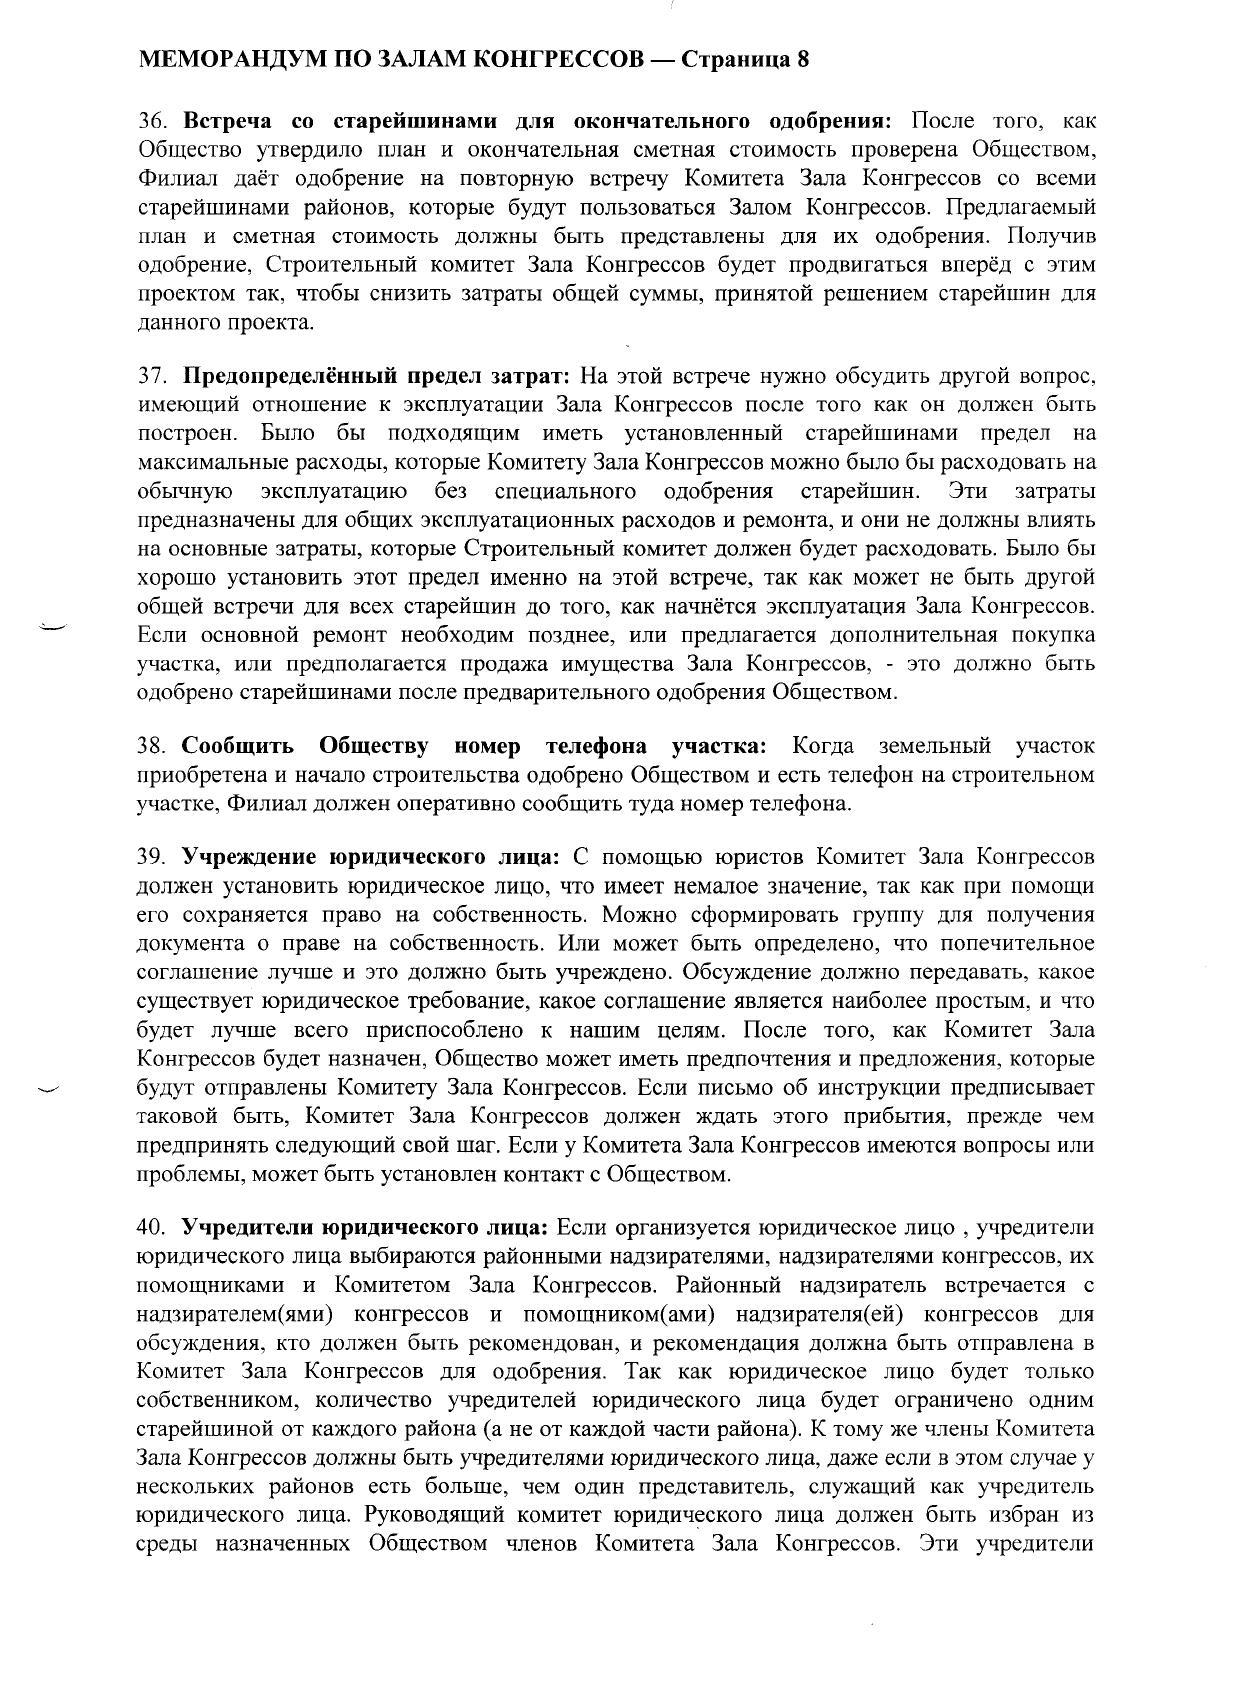 Меморандум по Залам Конгрессов (1997.06.01)_000009